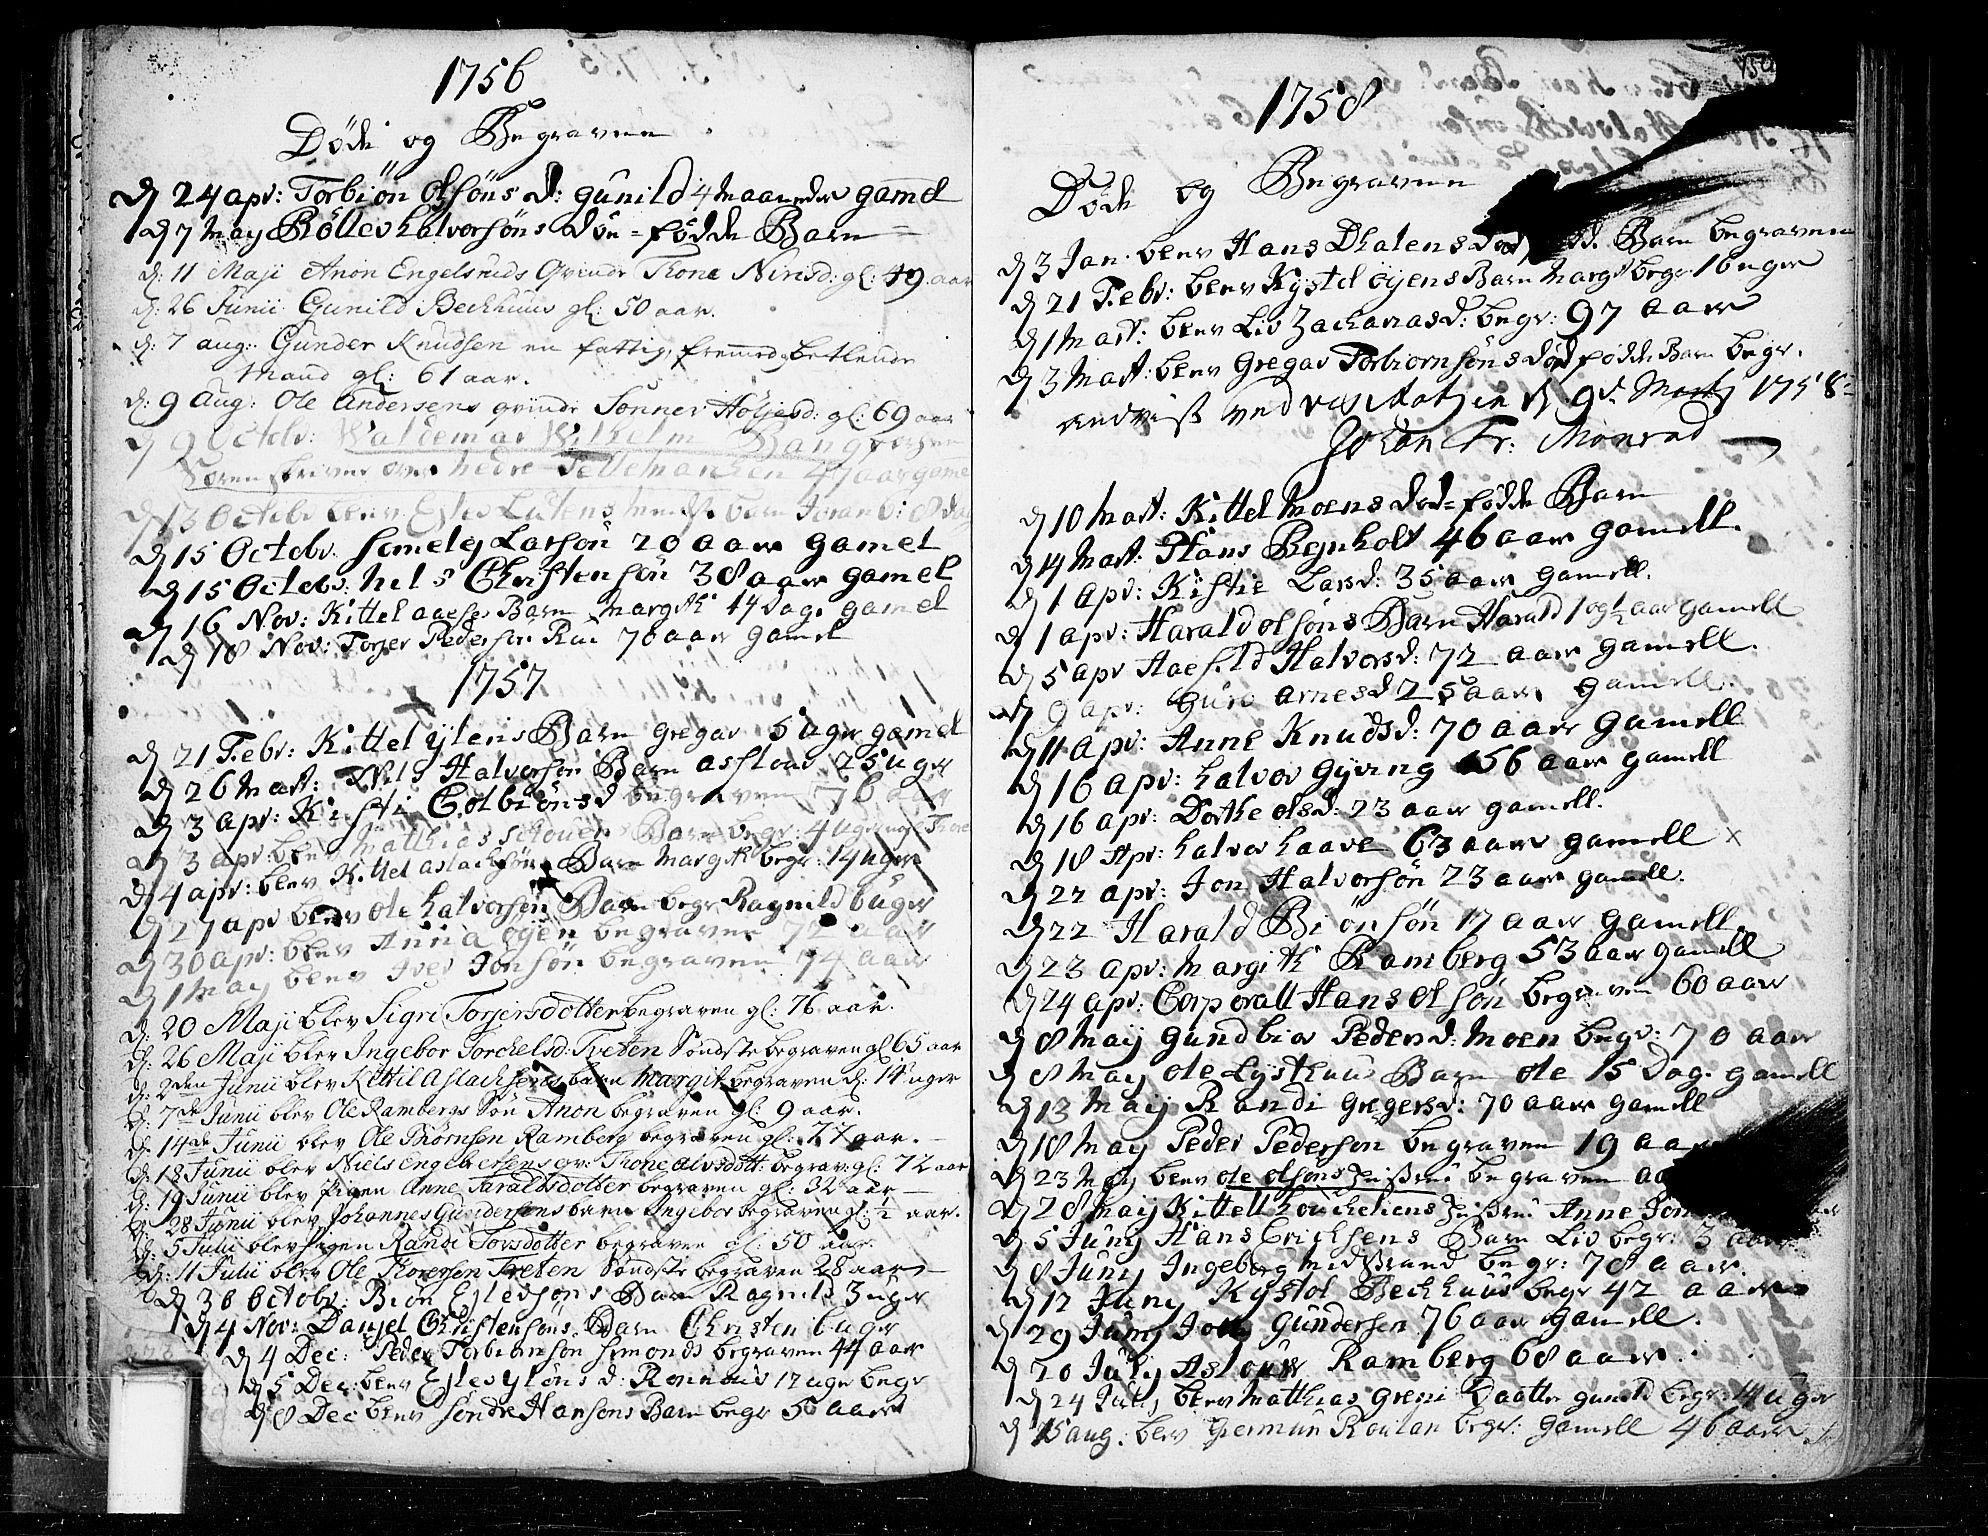 SAKO, Heddal kirkebøker, F/Fa/L0003: Ministerialbok nr. I 3, 1723-1783, s. 150